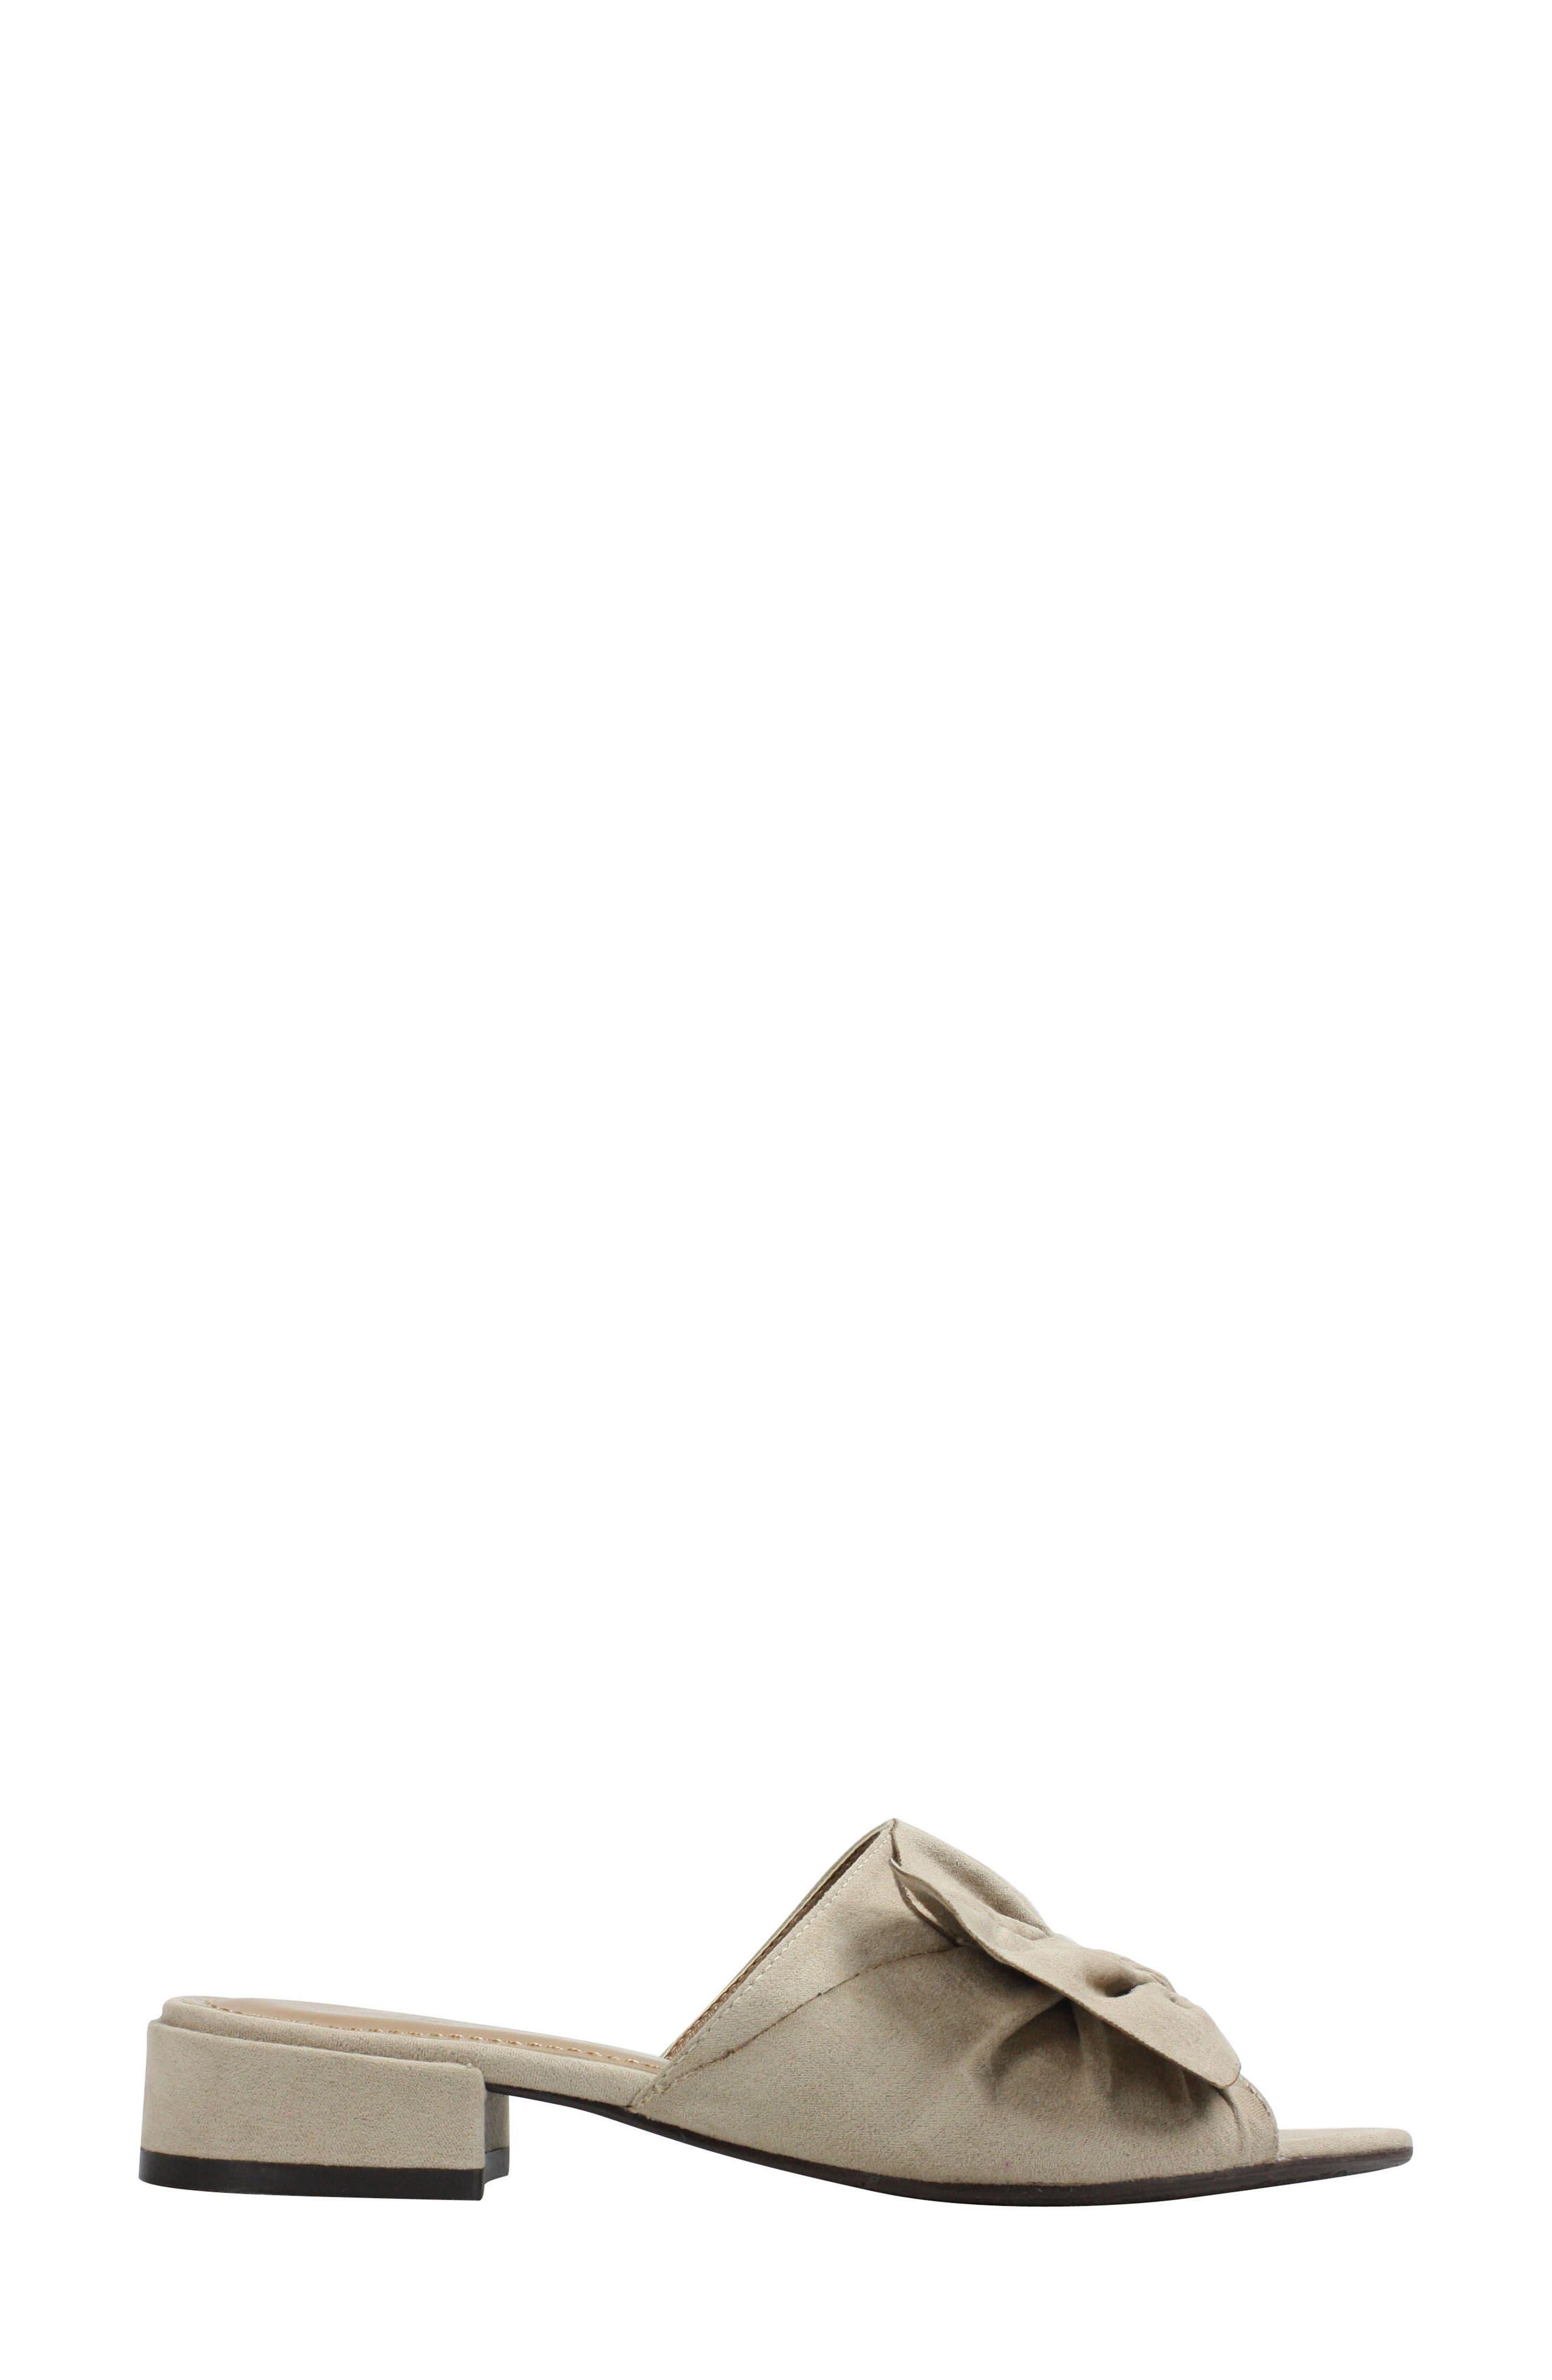 Sattuck Slide Sandal,                             Alternate thumbnail 5, color,                             Dark Beige Fabric